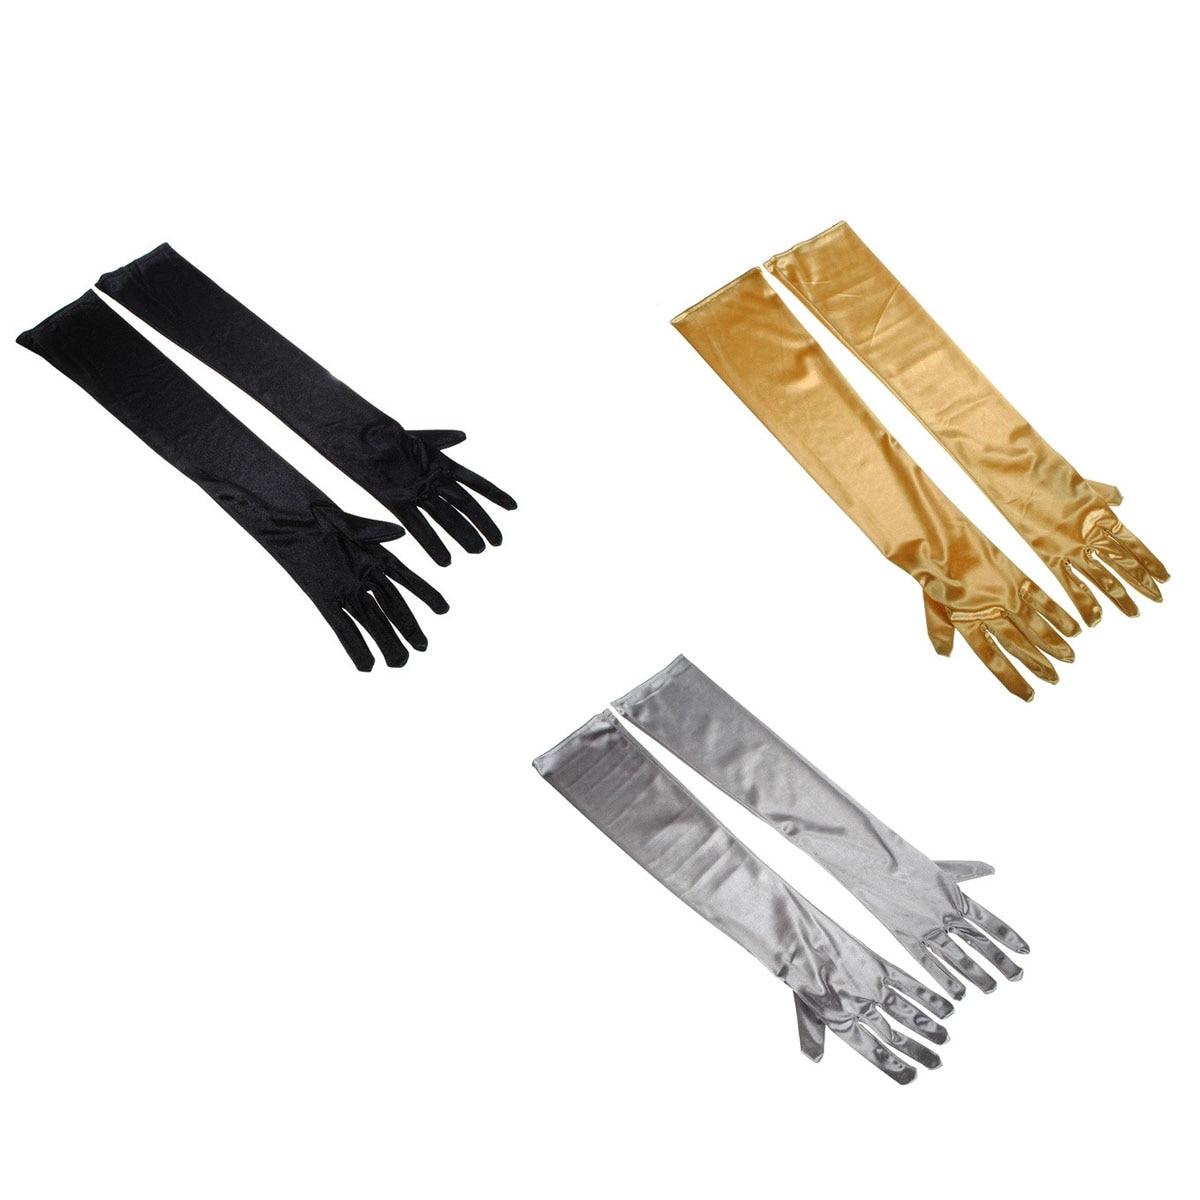 Gute QualitäT Frauen Stretch Satin Über Ellenbogen Lange Handschuhe Abend Party Handschuhe-3 Paare/satz black & Silbrig Grau & Goldene